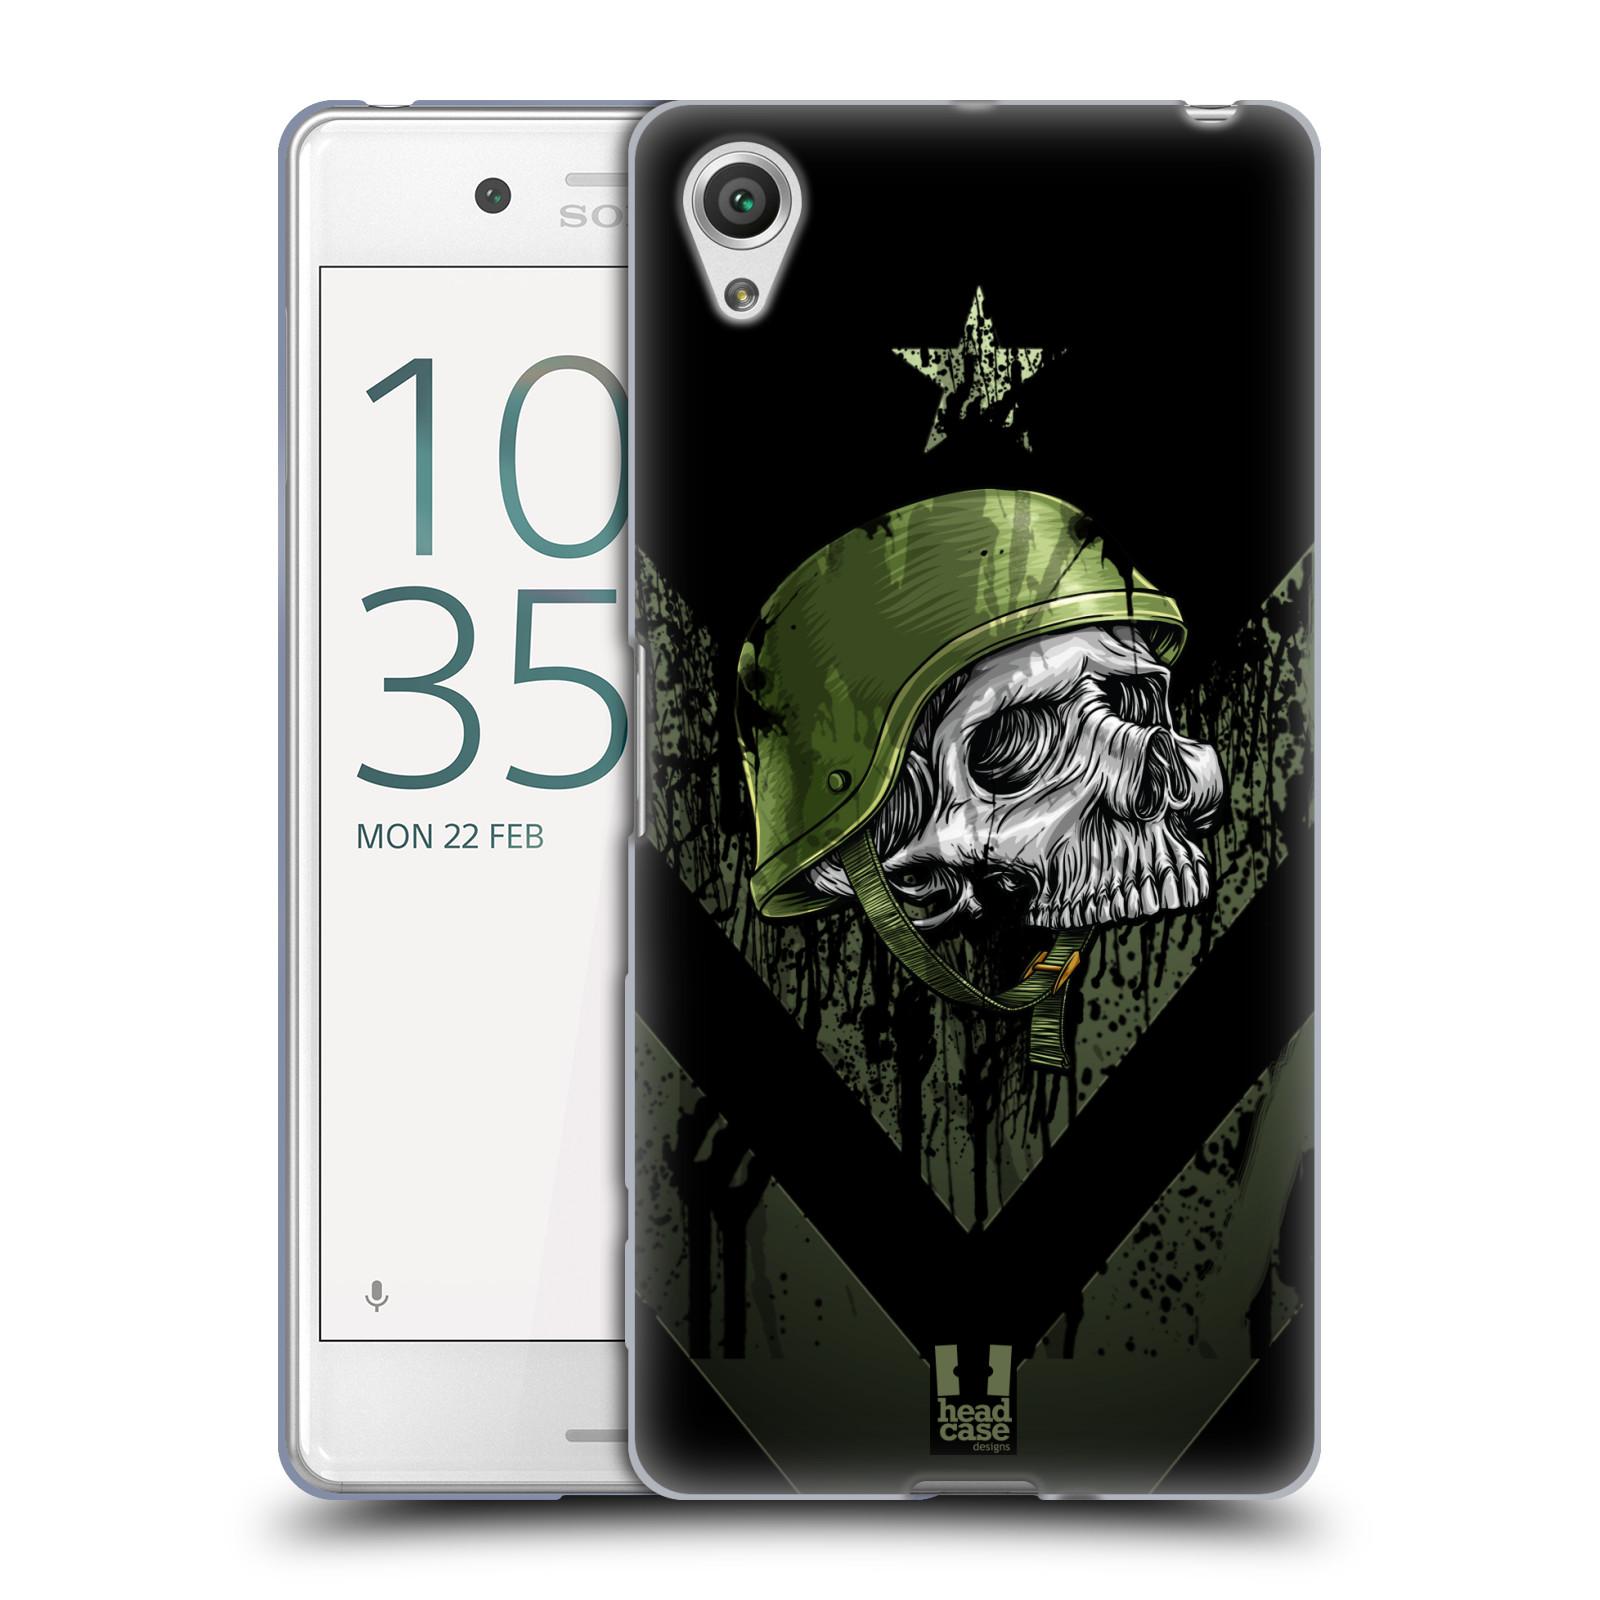 Silikonové pouzdro na mobil Sony Xperia X Performance HEAD CASE LEBKA ONE MAN